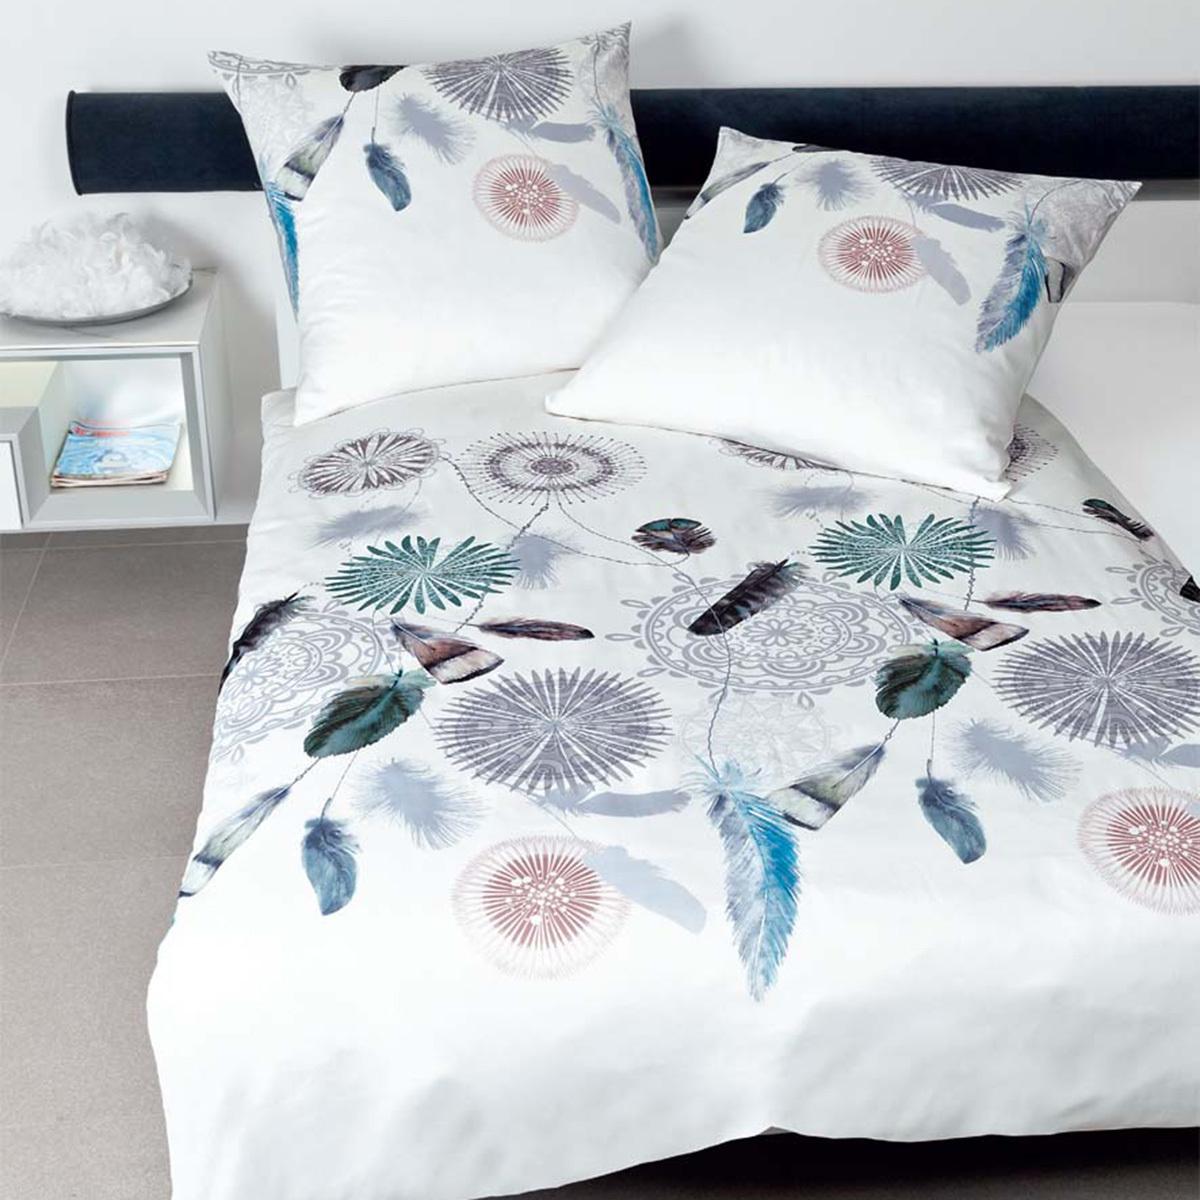 janine mako satin bettw sche modern art 42033 08 silberblau g nstig online kaufen bei bettwaren shop. Black Bedroom Furniture Sets. Home Design Ideas